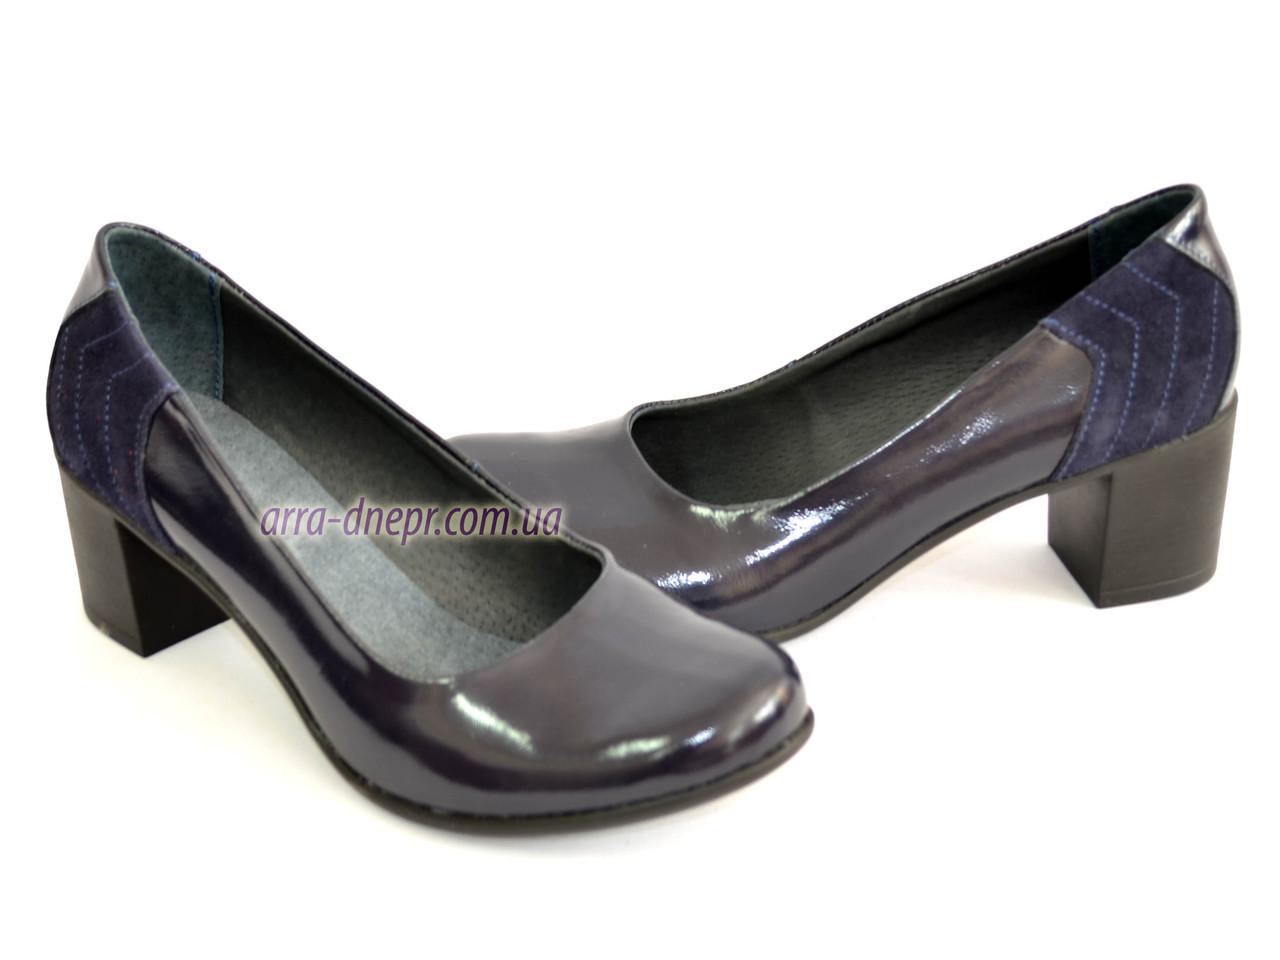 Туфли синие лаковые женские на каблуке, декорированы замшевой вставкой